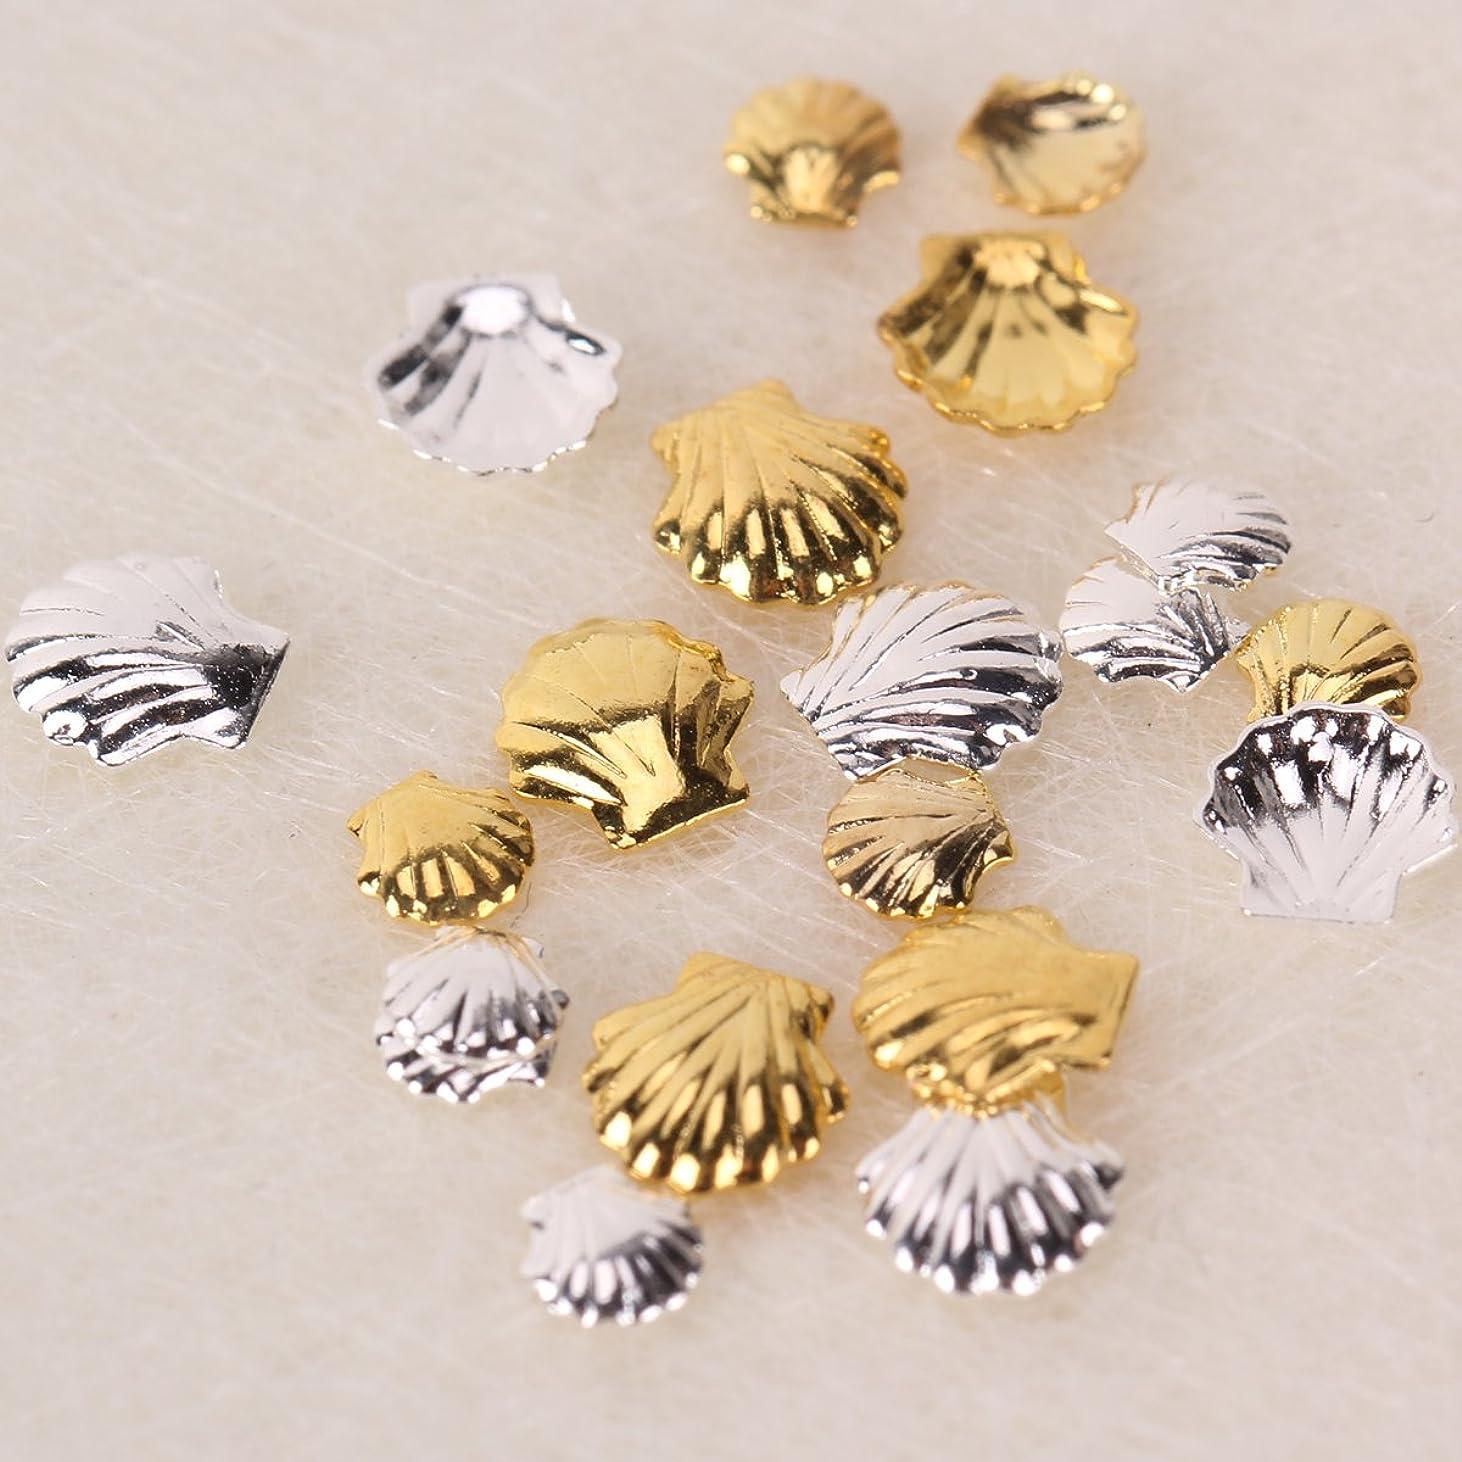 グッゲンハイム美術館ピクニック早熟ジェルネイル ネイルパーツ 貝 ネイルアートパーツ シェルパーツ 春ネイル 20個 貝殻型パーツ4種x各5